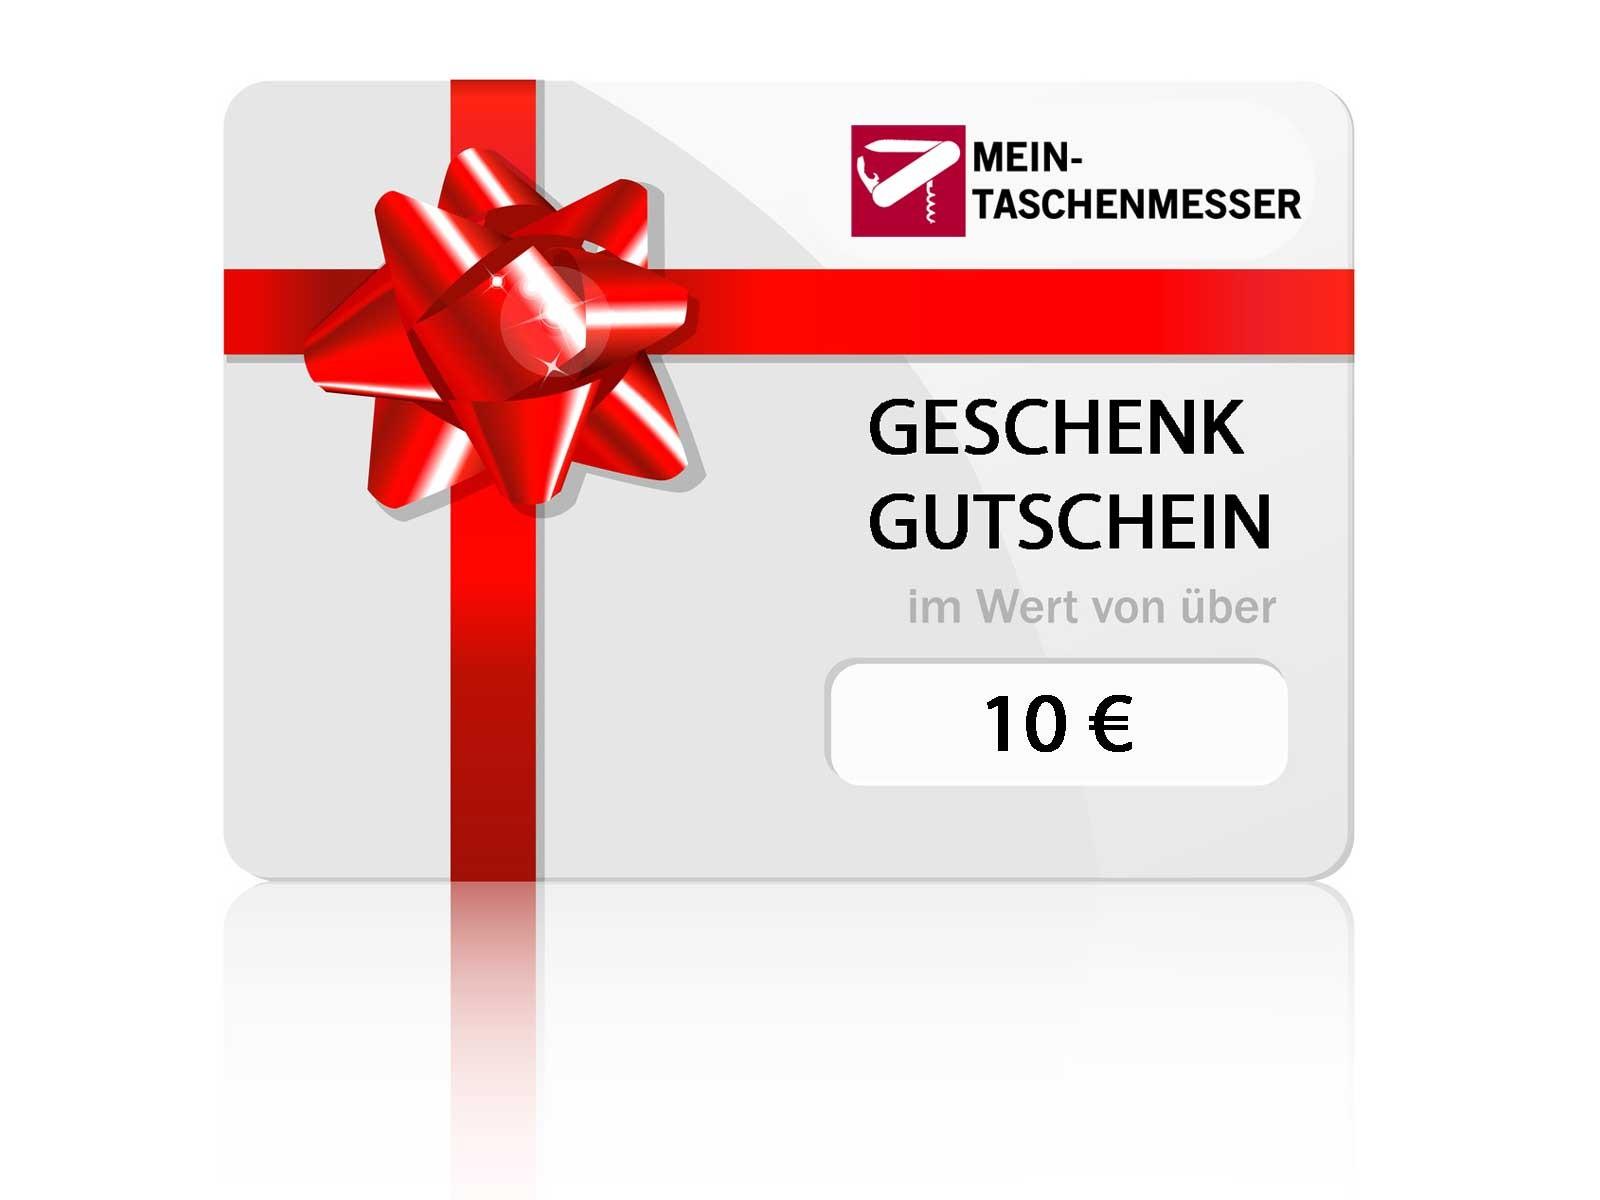 H&m Gutschein 10 Euro